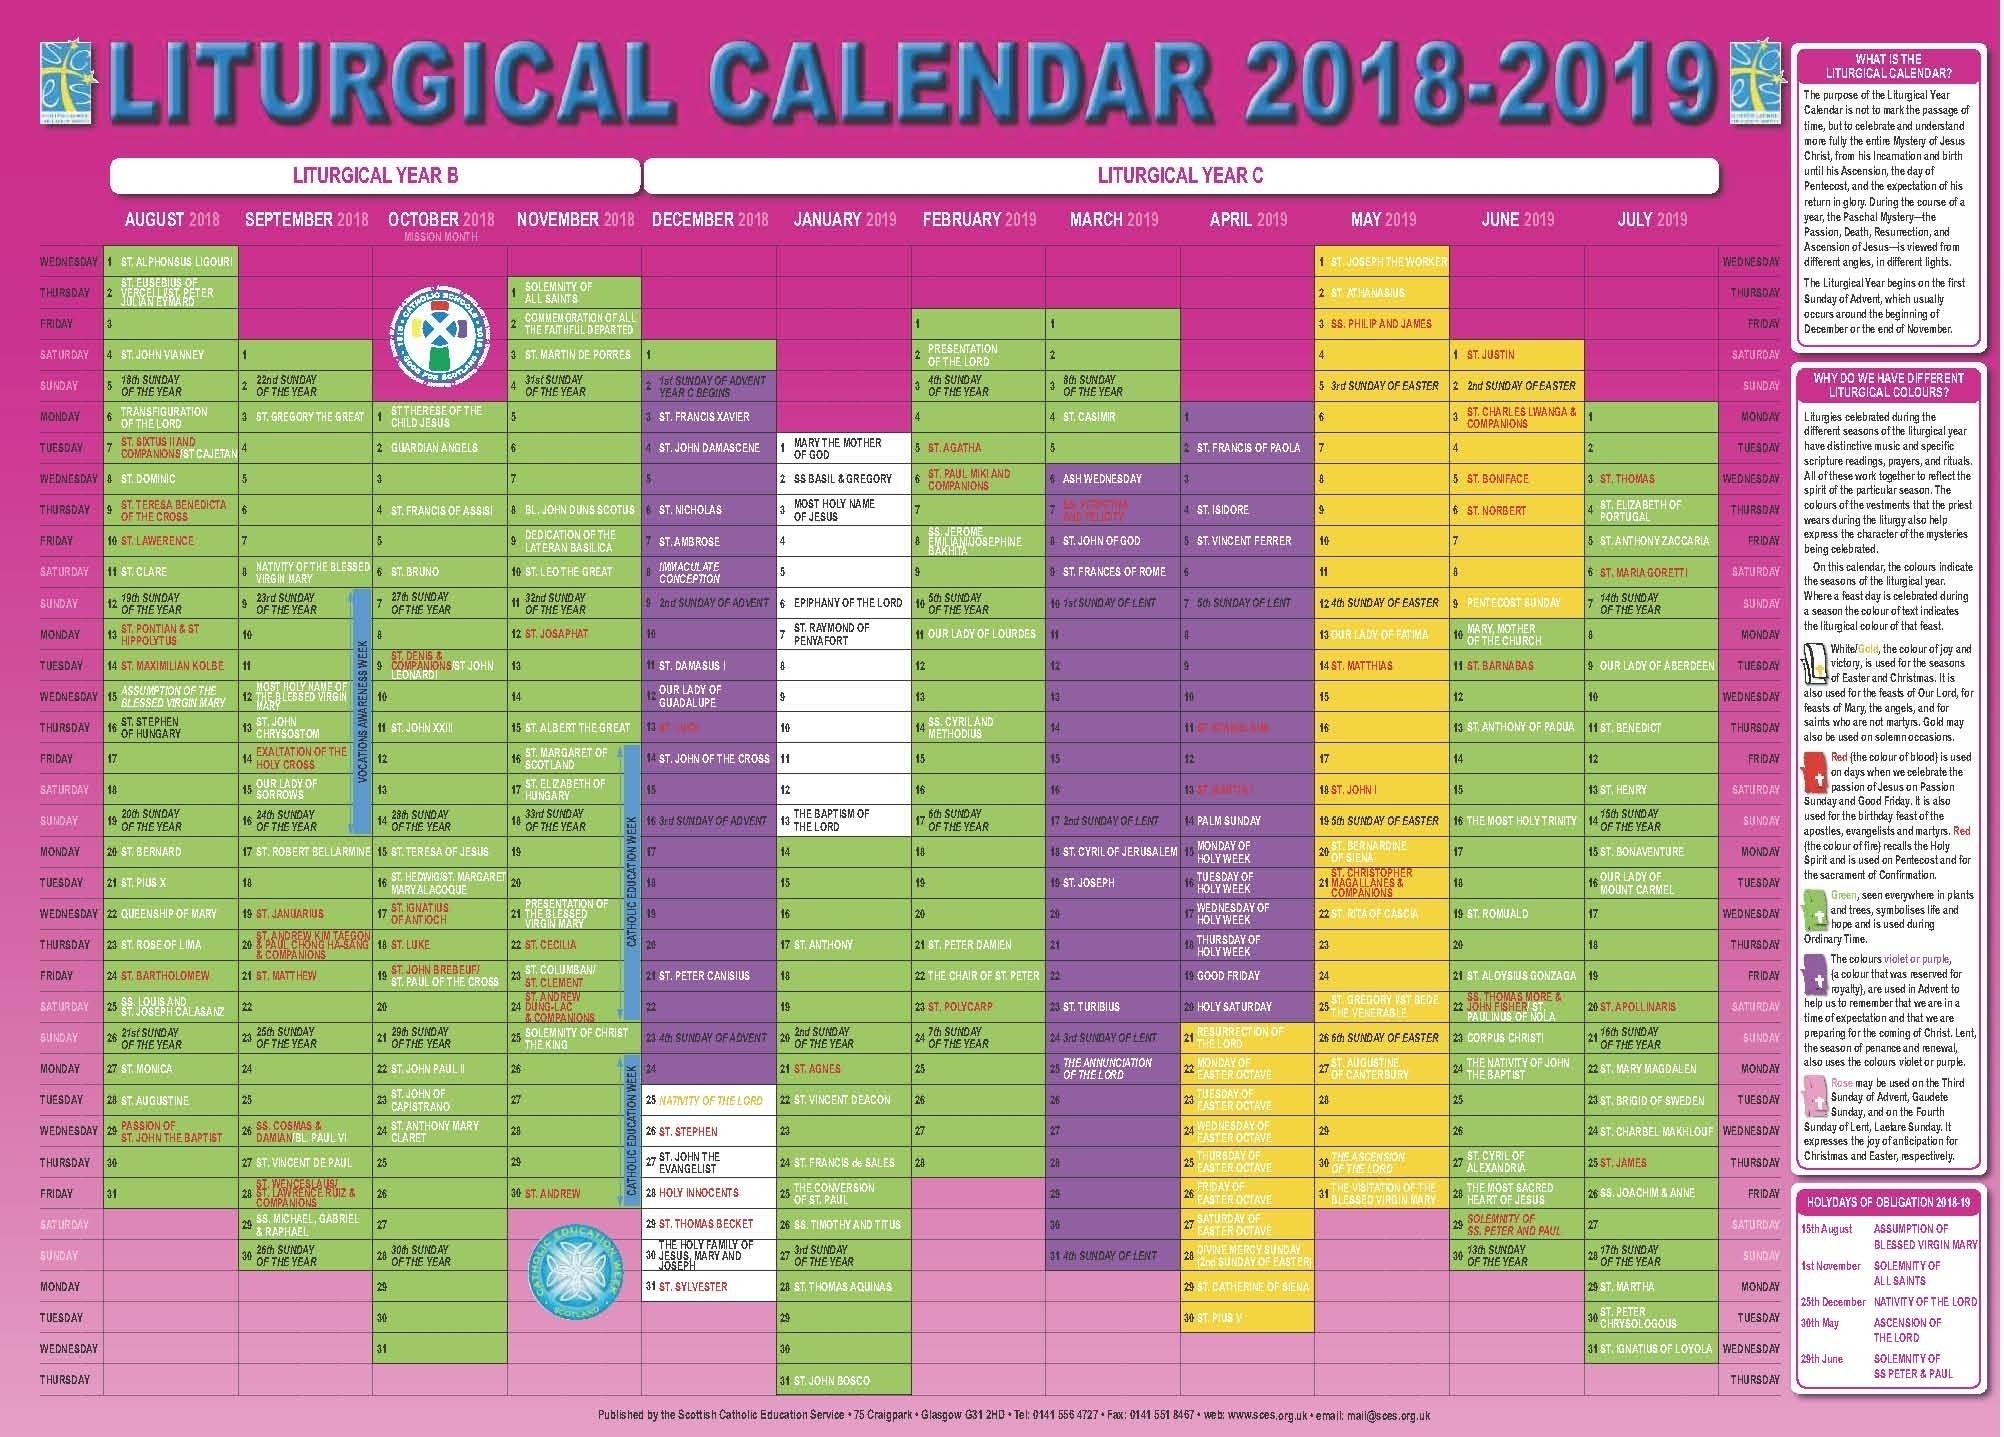 Catholic Liturgical Calendar 2020 Pdf - Calendar Inspiration inside Liturgical Calendar 2020 Catholic Printable